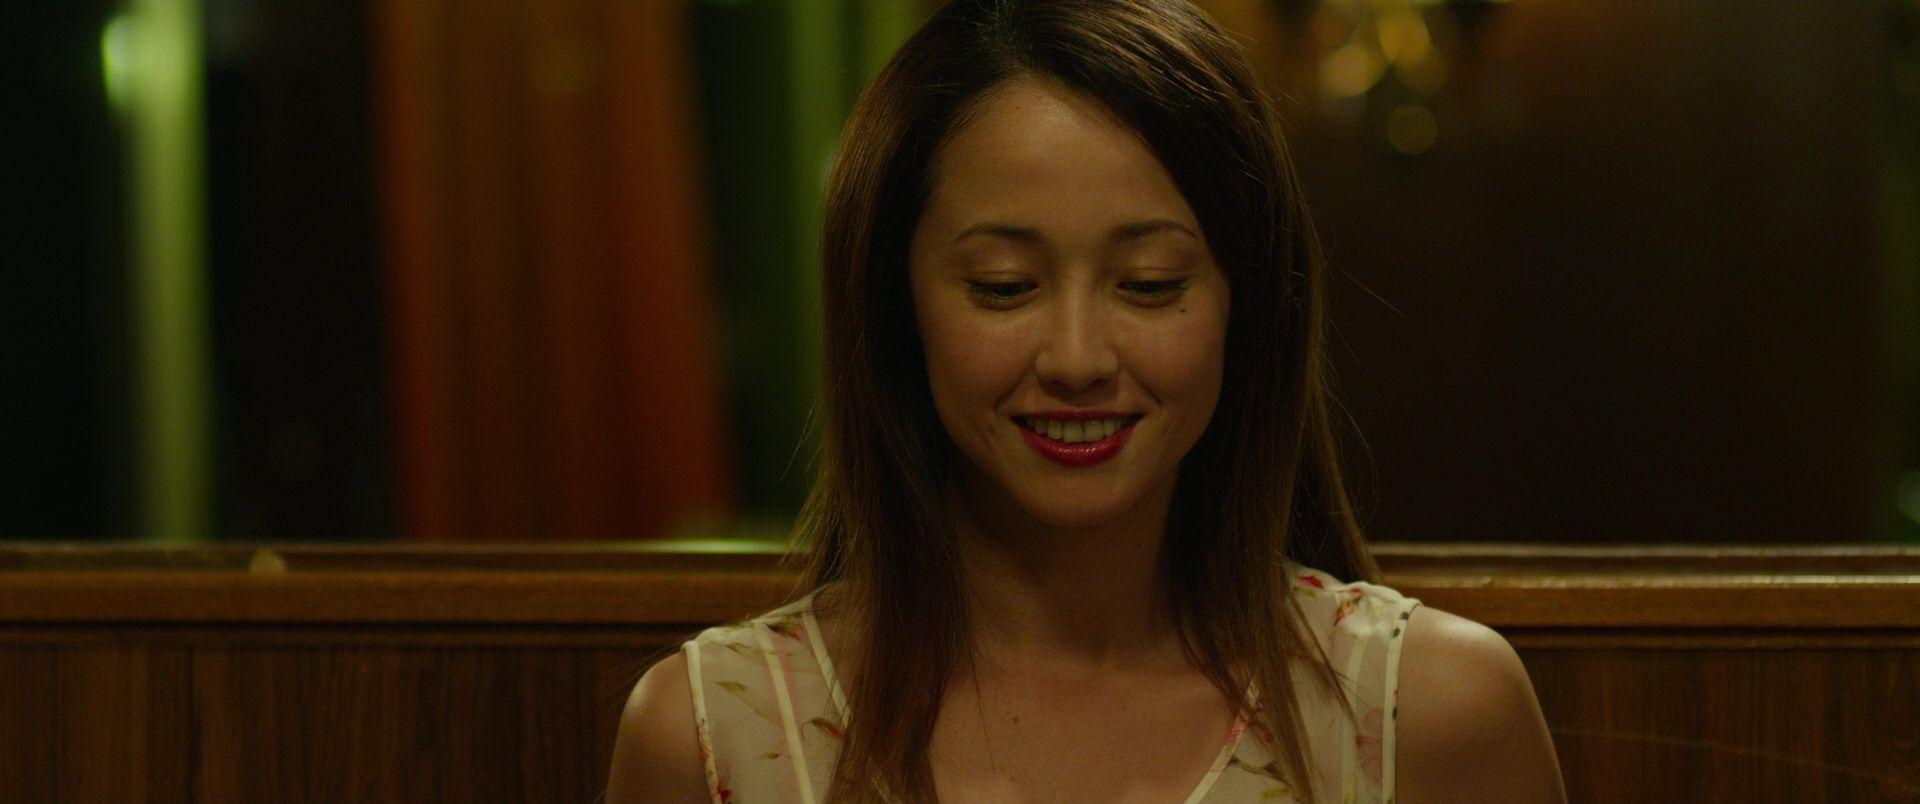 Erika Sawajiri In The Film Shinjuku Suwan Shinjuku Swan